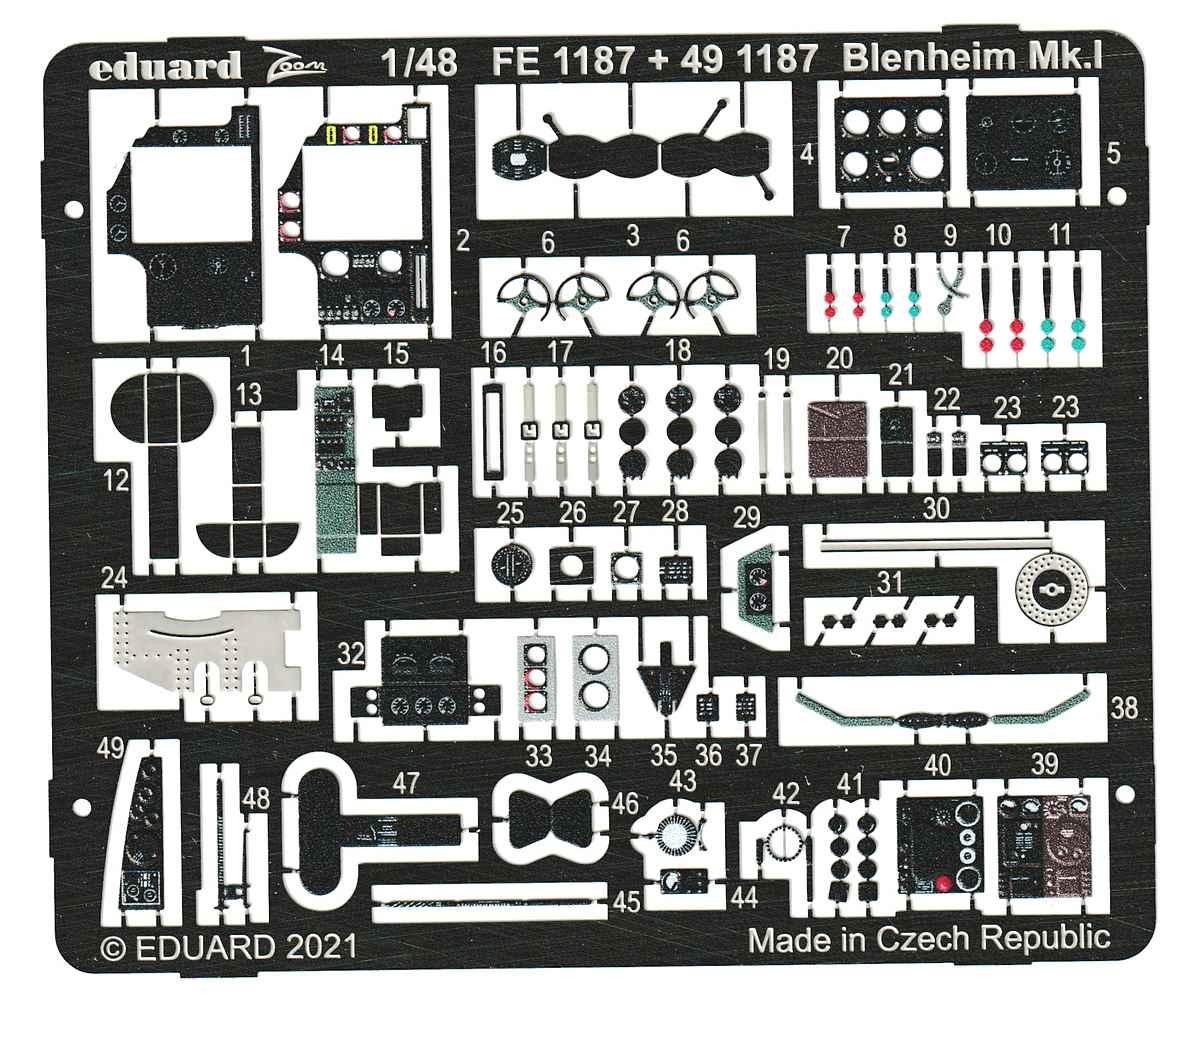 Eduard-Fe1187-Zoom-Blenheim-Mk.I-2 Detailset ZOOM für die neue Blenheim Mk. I von Airfix #FE 1187